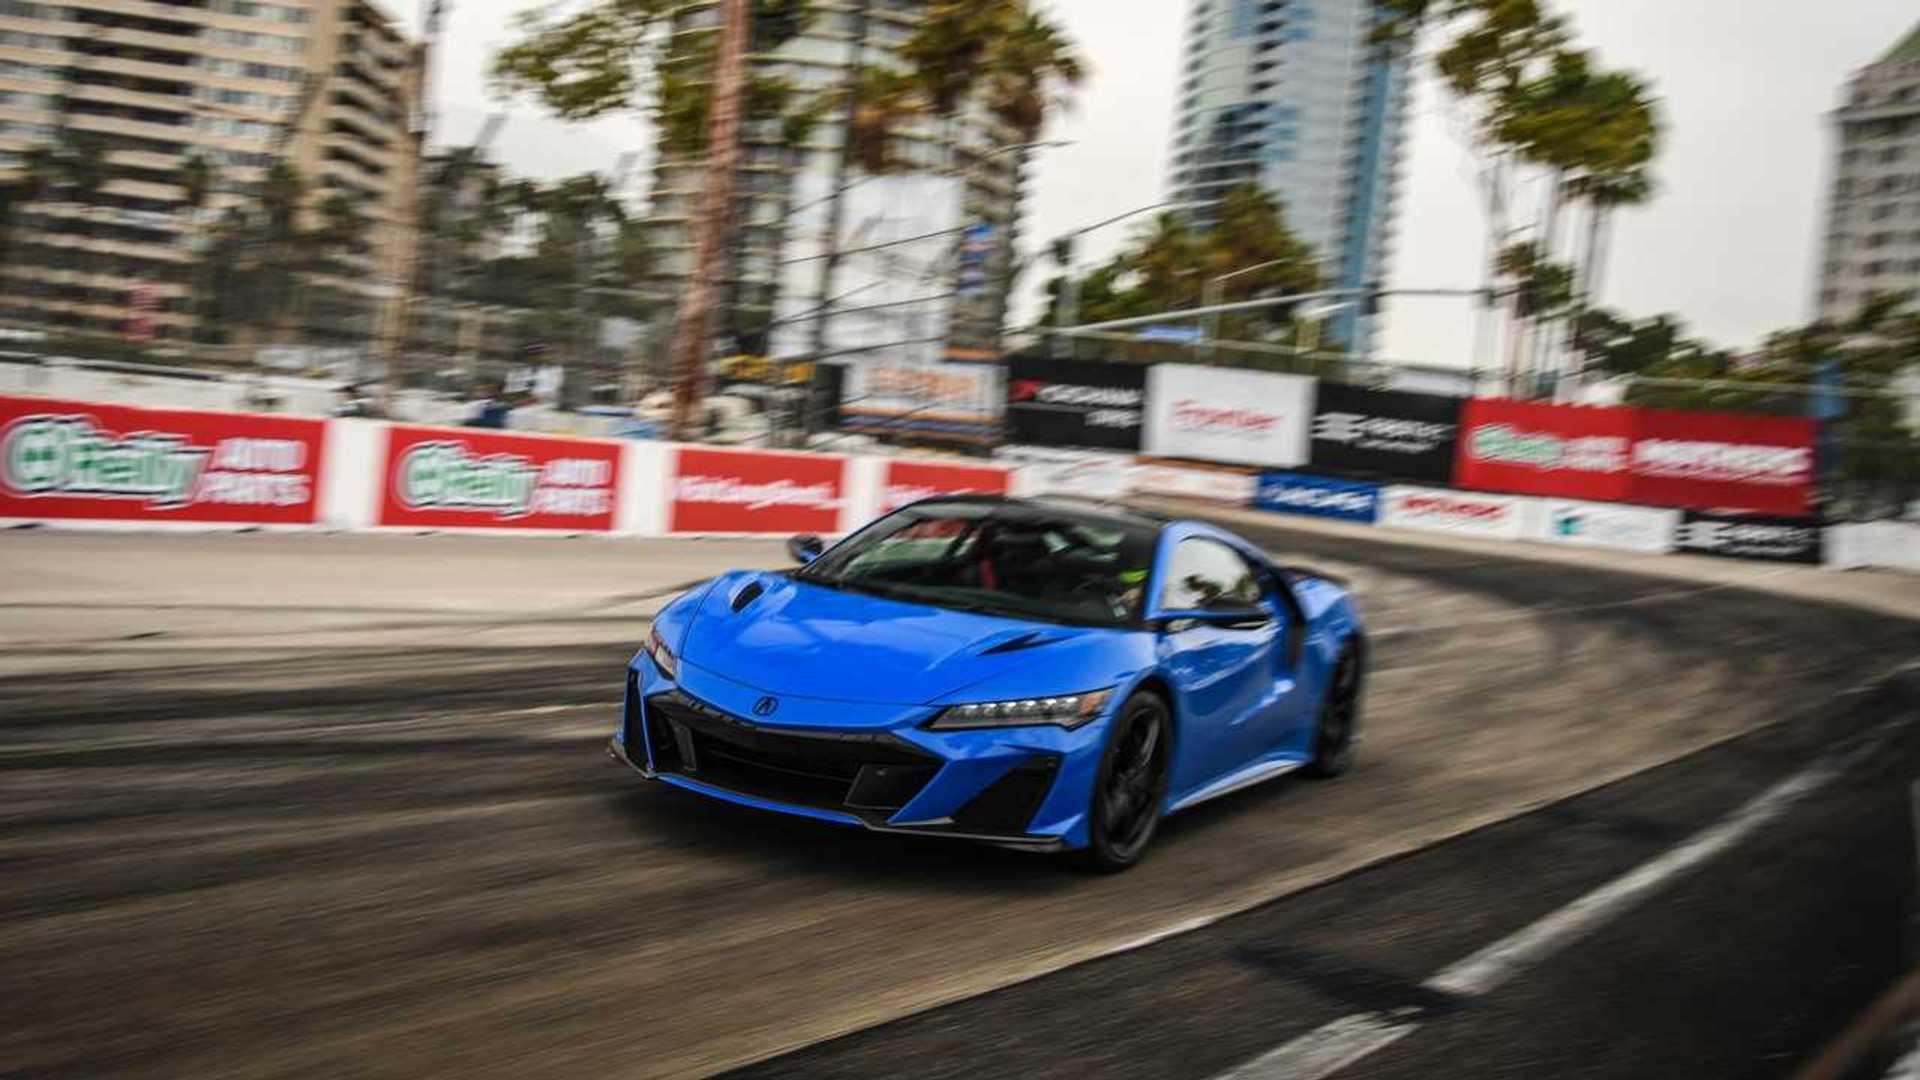 En 2022, el Acura NSX Type S rompió el récord de producción del Acura Grand Prix en Long Beach.